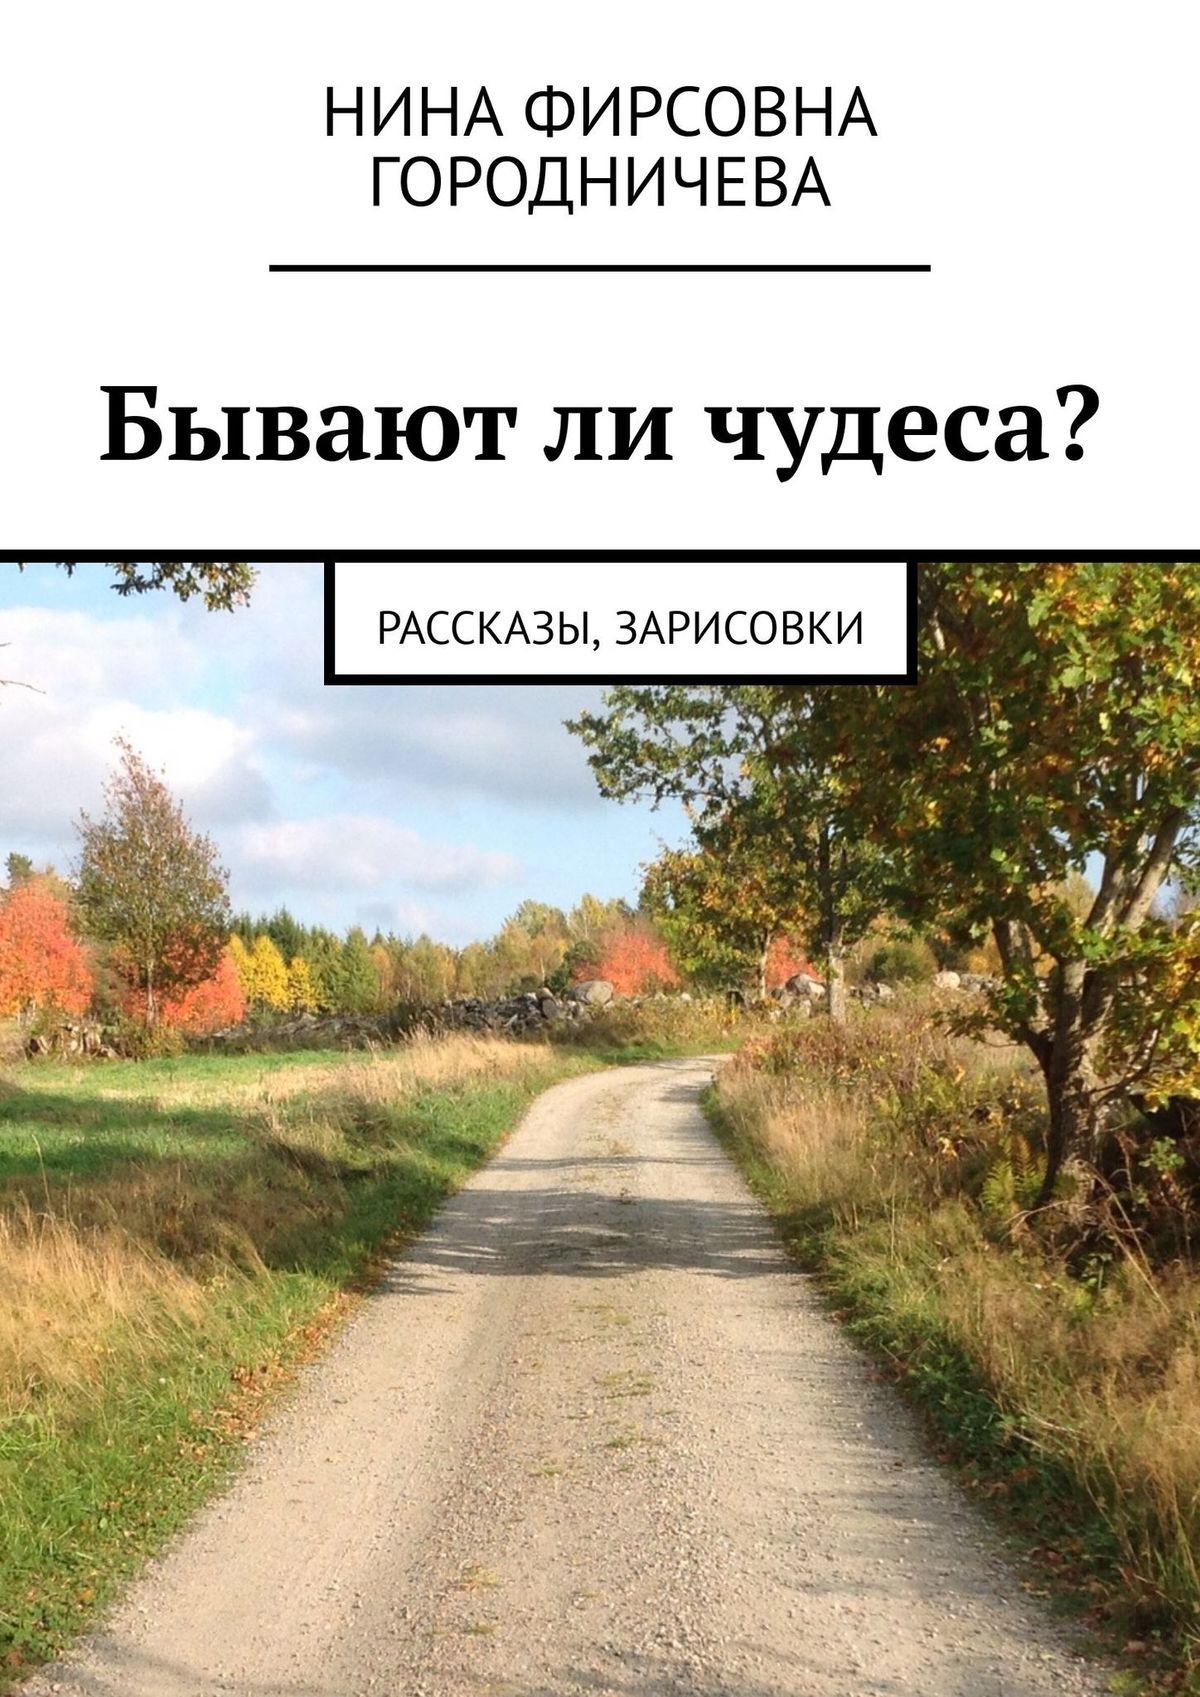 Нина Фирсовна Городничева Бывают ли чудеса? Рассказы, зарисовки набор книг чудеса бывают 10 шт